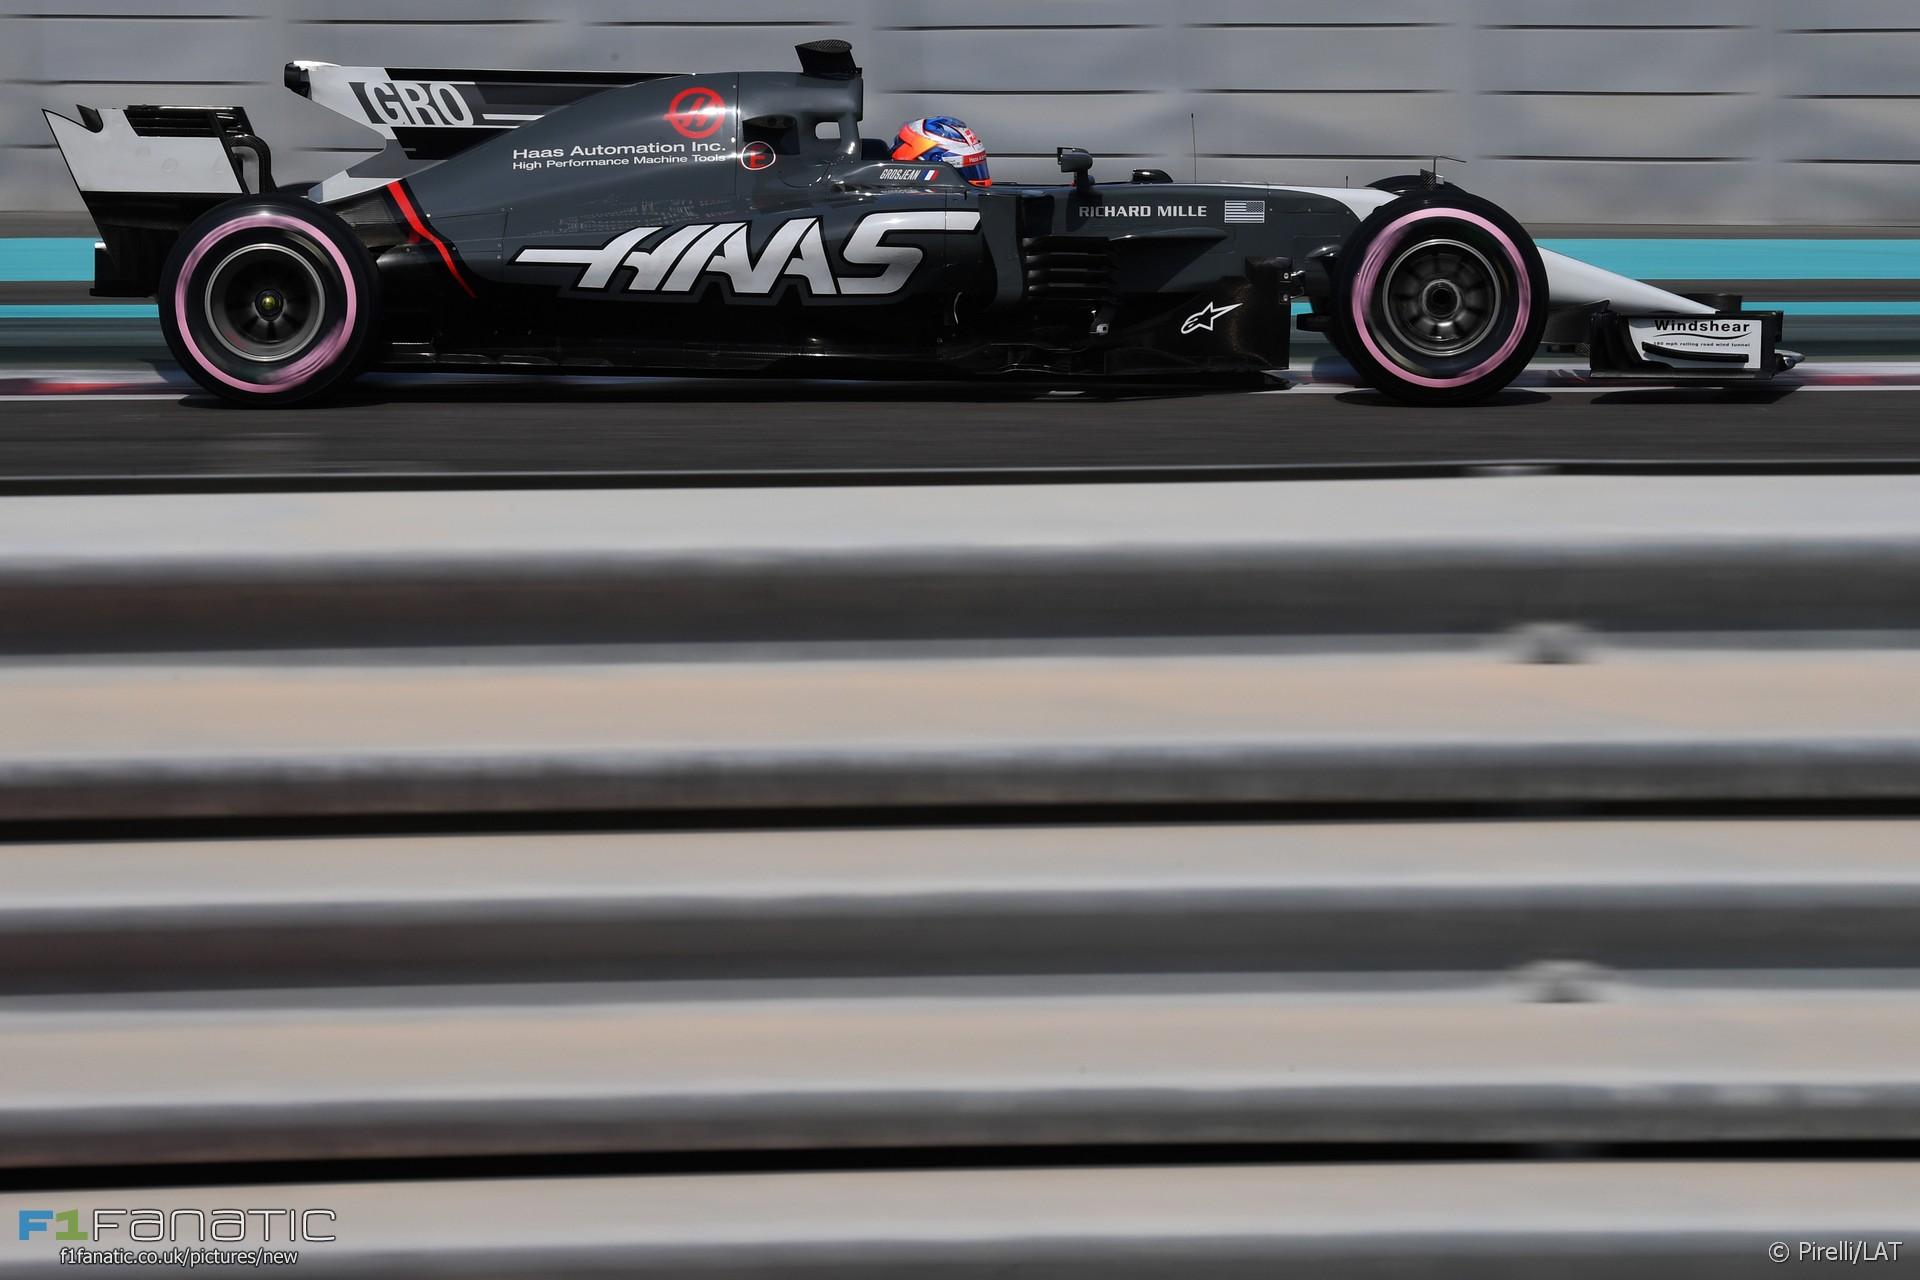 Romain Grosjean, Haas, Yas Marina, 2017